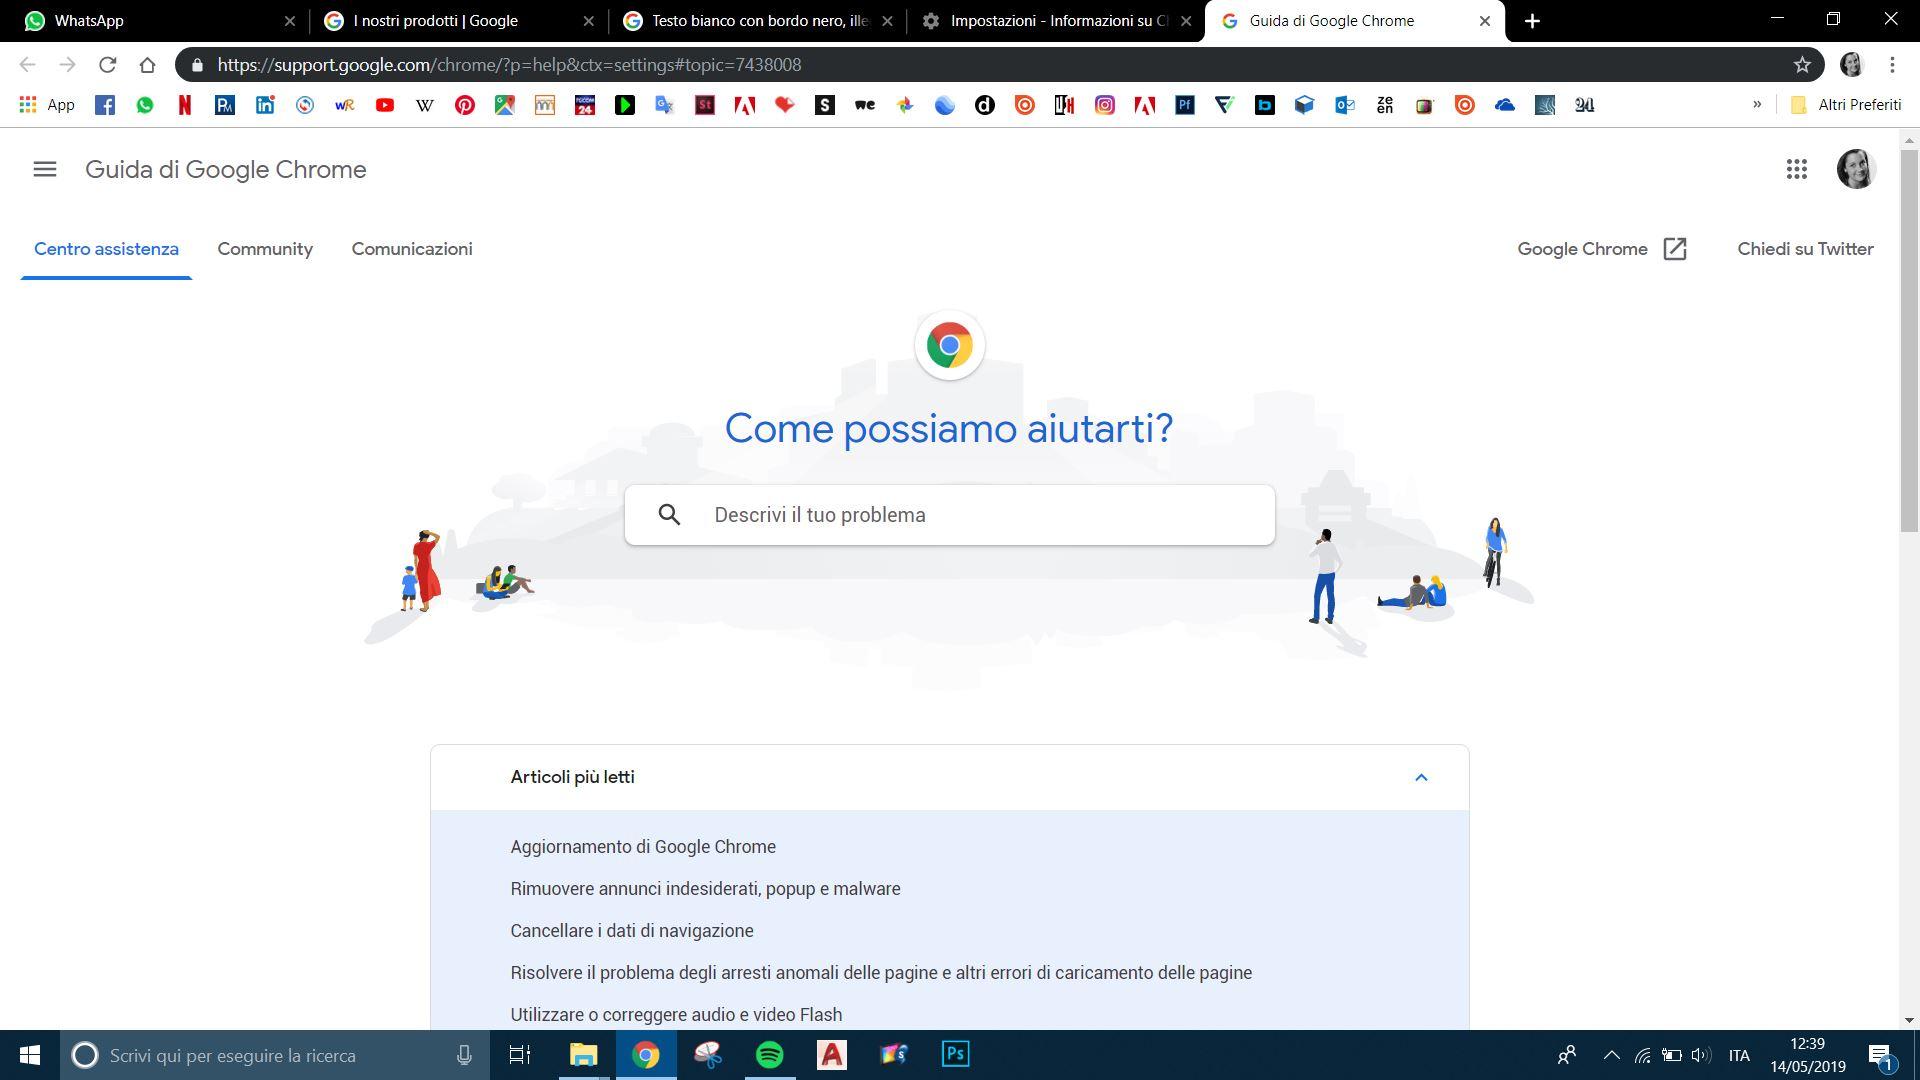 Chrome Con Sfondo Nero E Scritte Bianche Guida Di Google Chrome